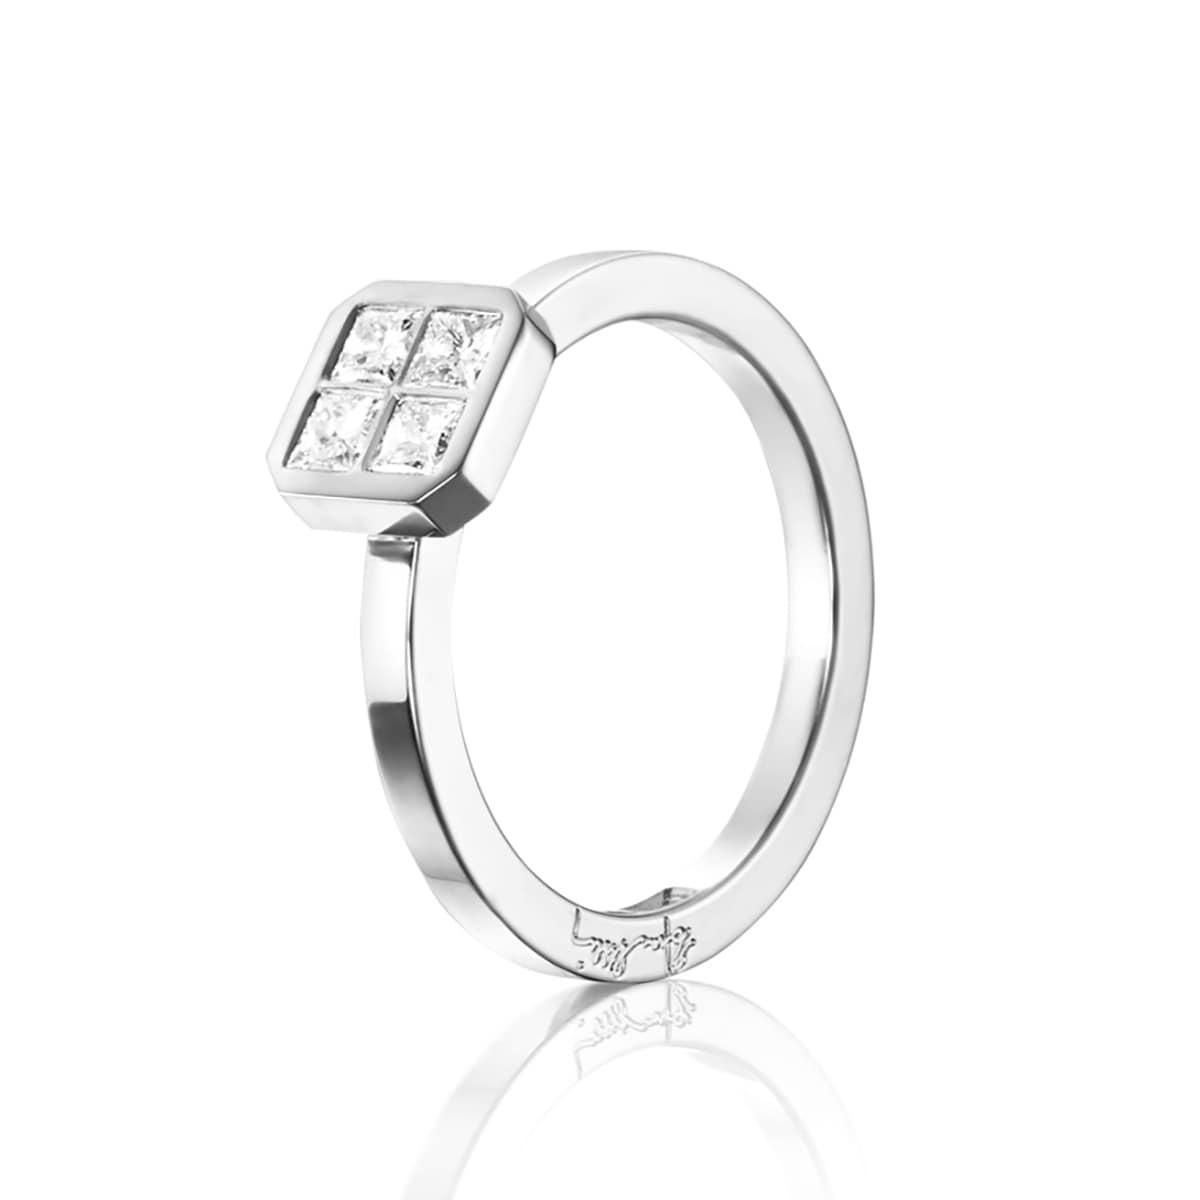 Efva_Attling_smycken_4 love Ring 0.40 ct 13-102-01554(1)_hos_Jarl_Sandin